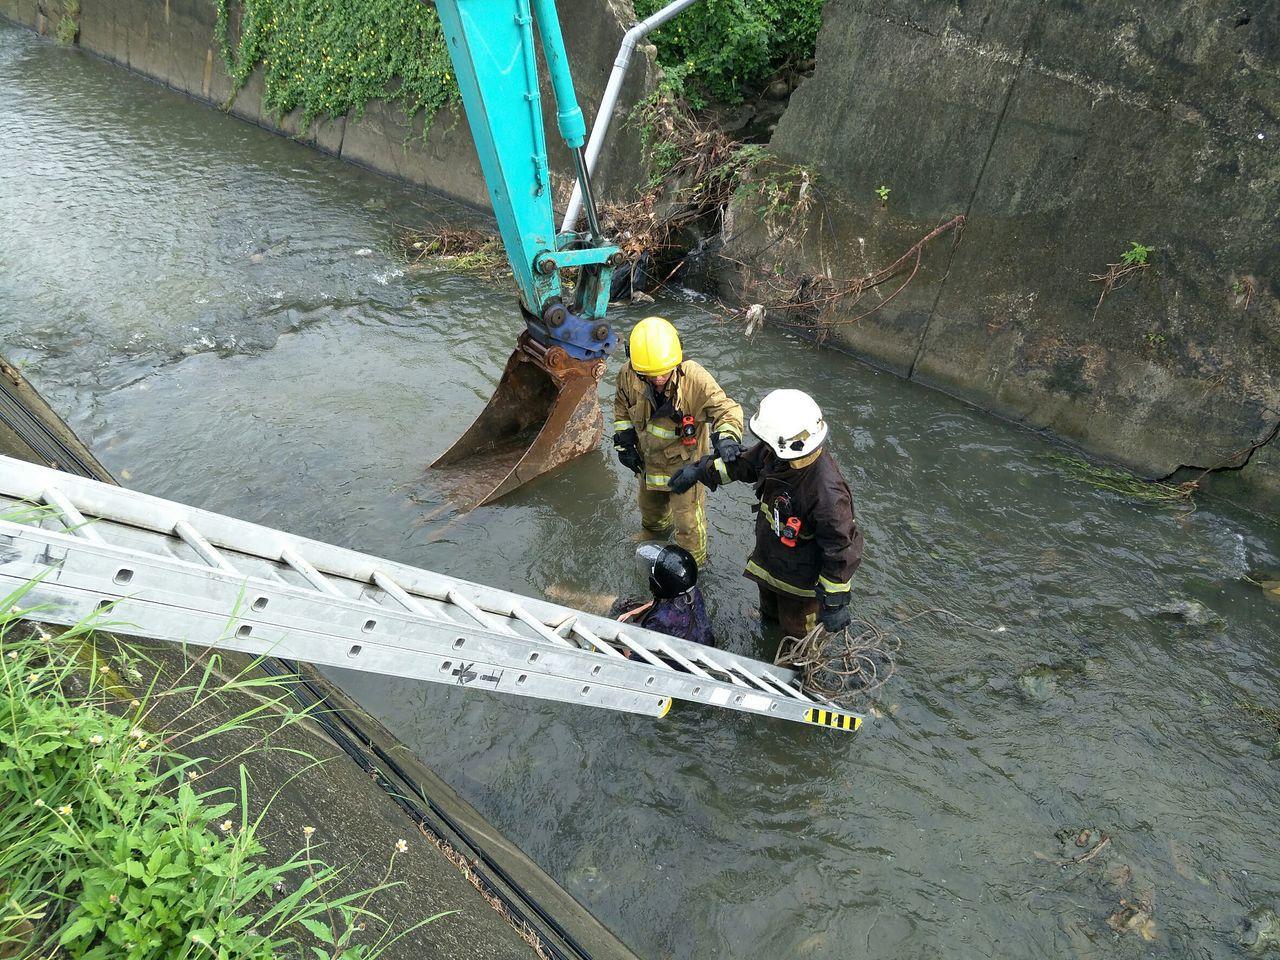 殘障婦人騎電動代步車跌落2米深水溝,消防人員和工地怪手一起救援。記者謝恩得/翻攝